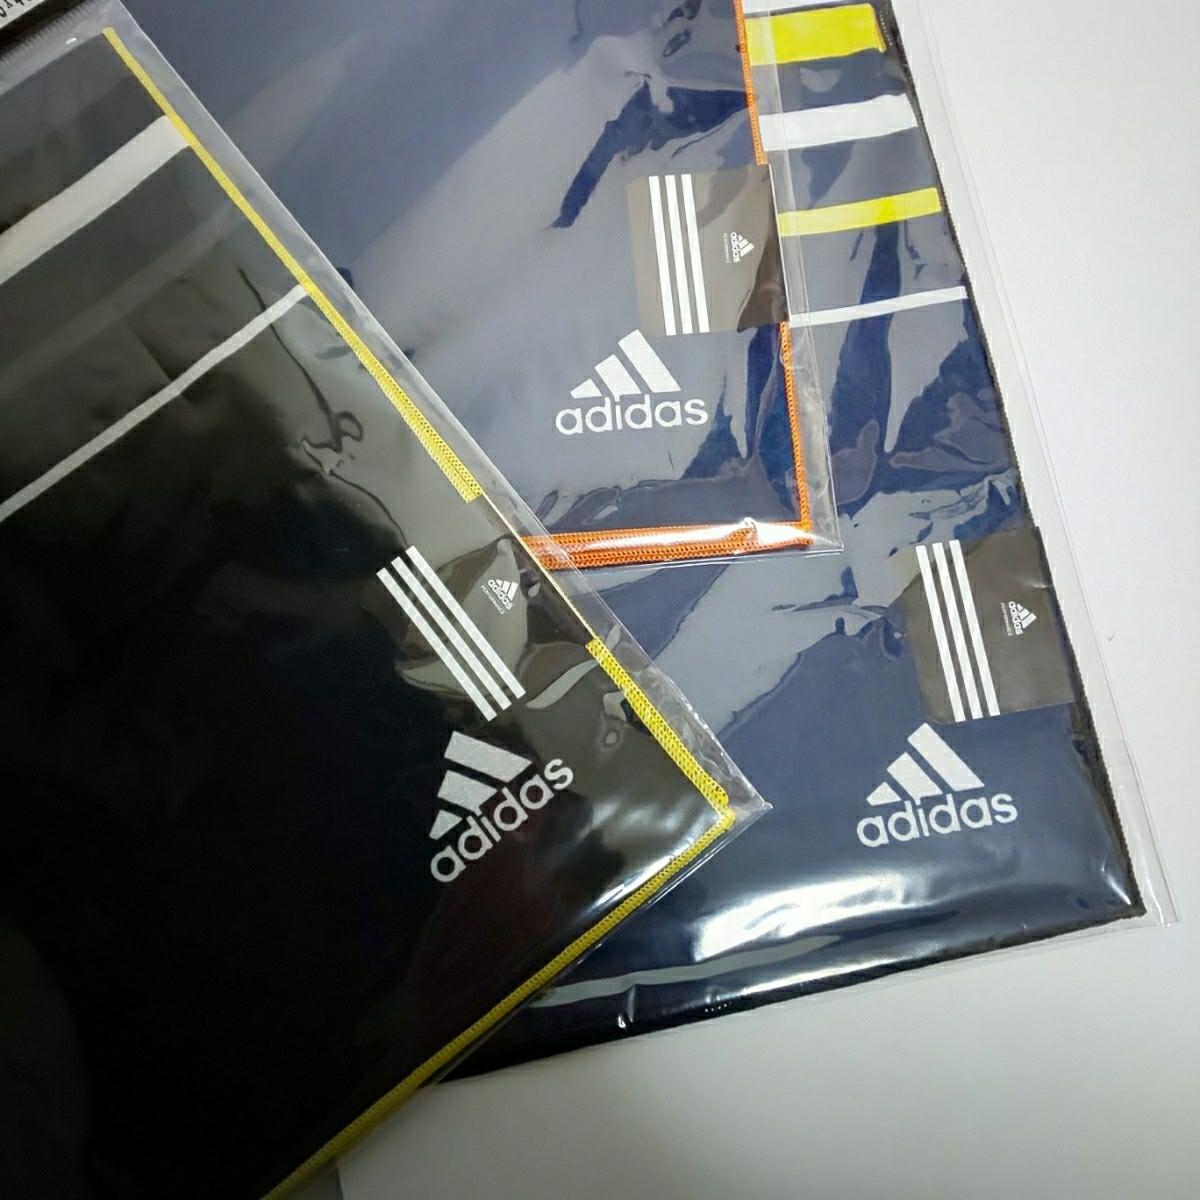 新品 adidas ランチーフ 3枚セット アディダス ランチクロス 給食ナフキンに _画像4